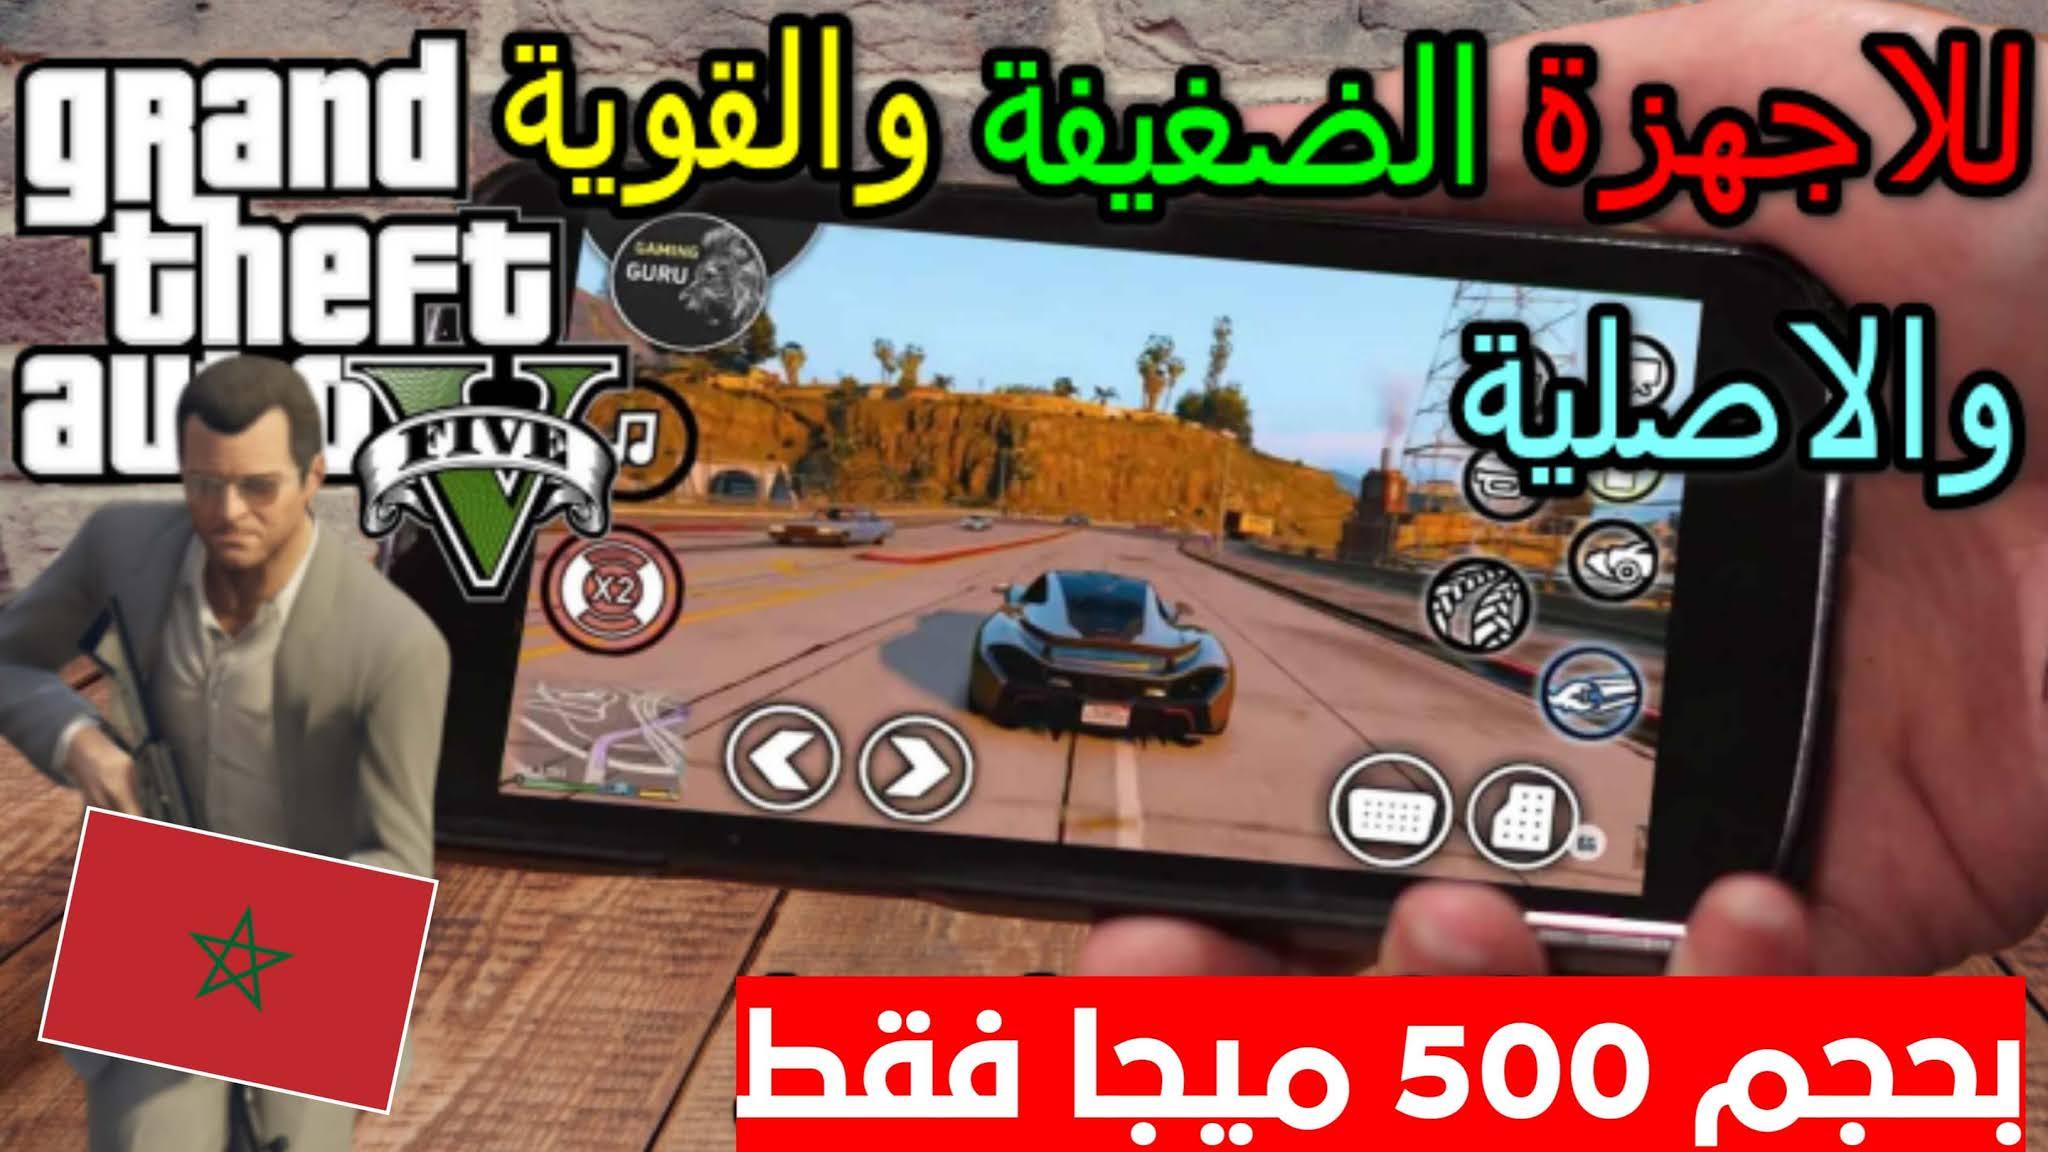 تحميل لعبة جراند 5 GTA للاندرويد مغربية 100% بحجم 500 ميجا